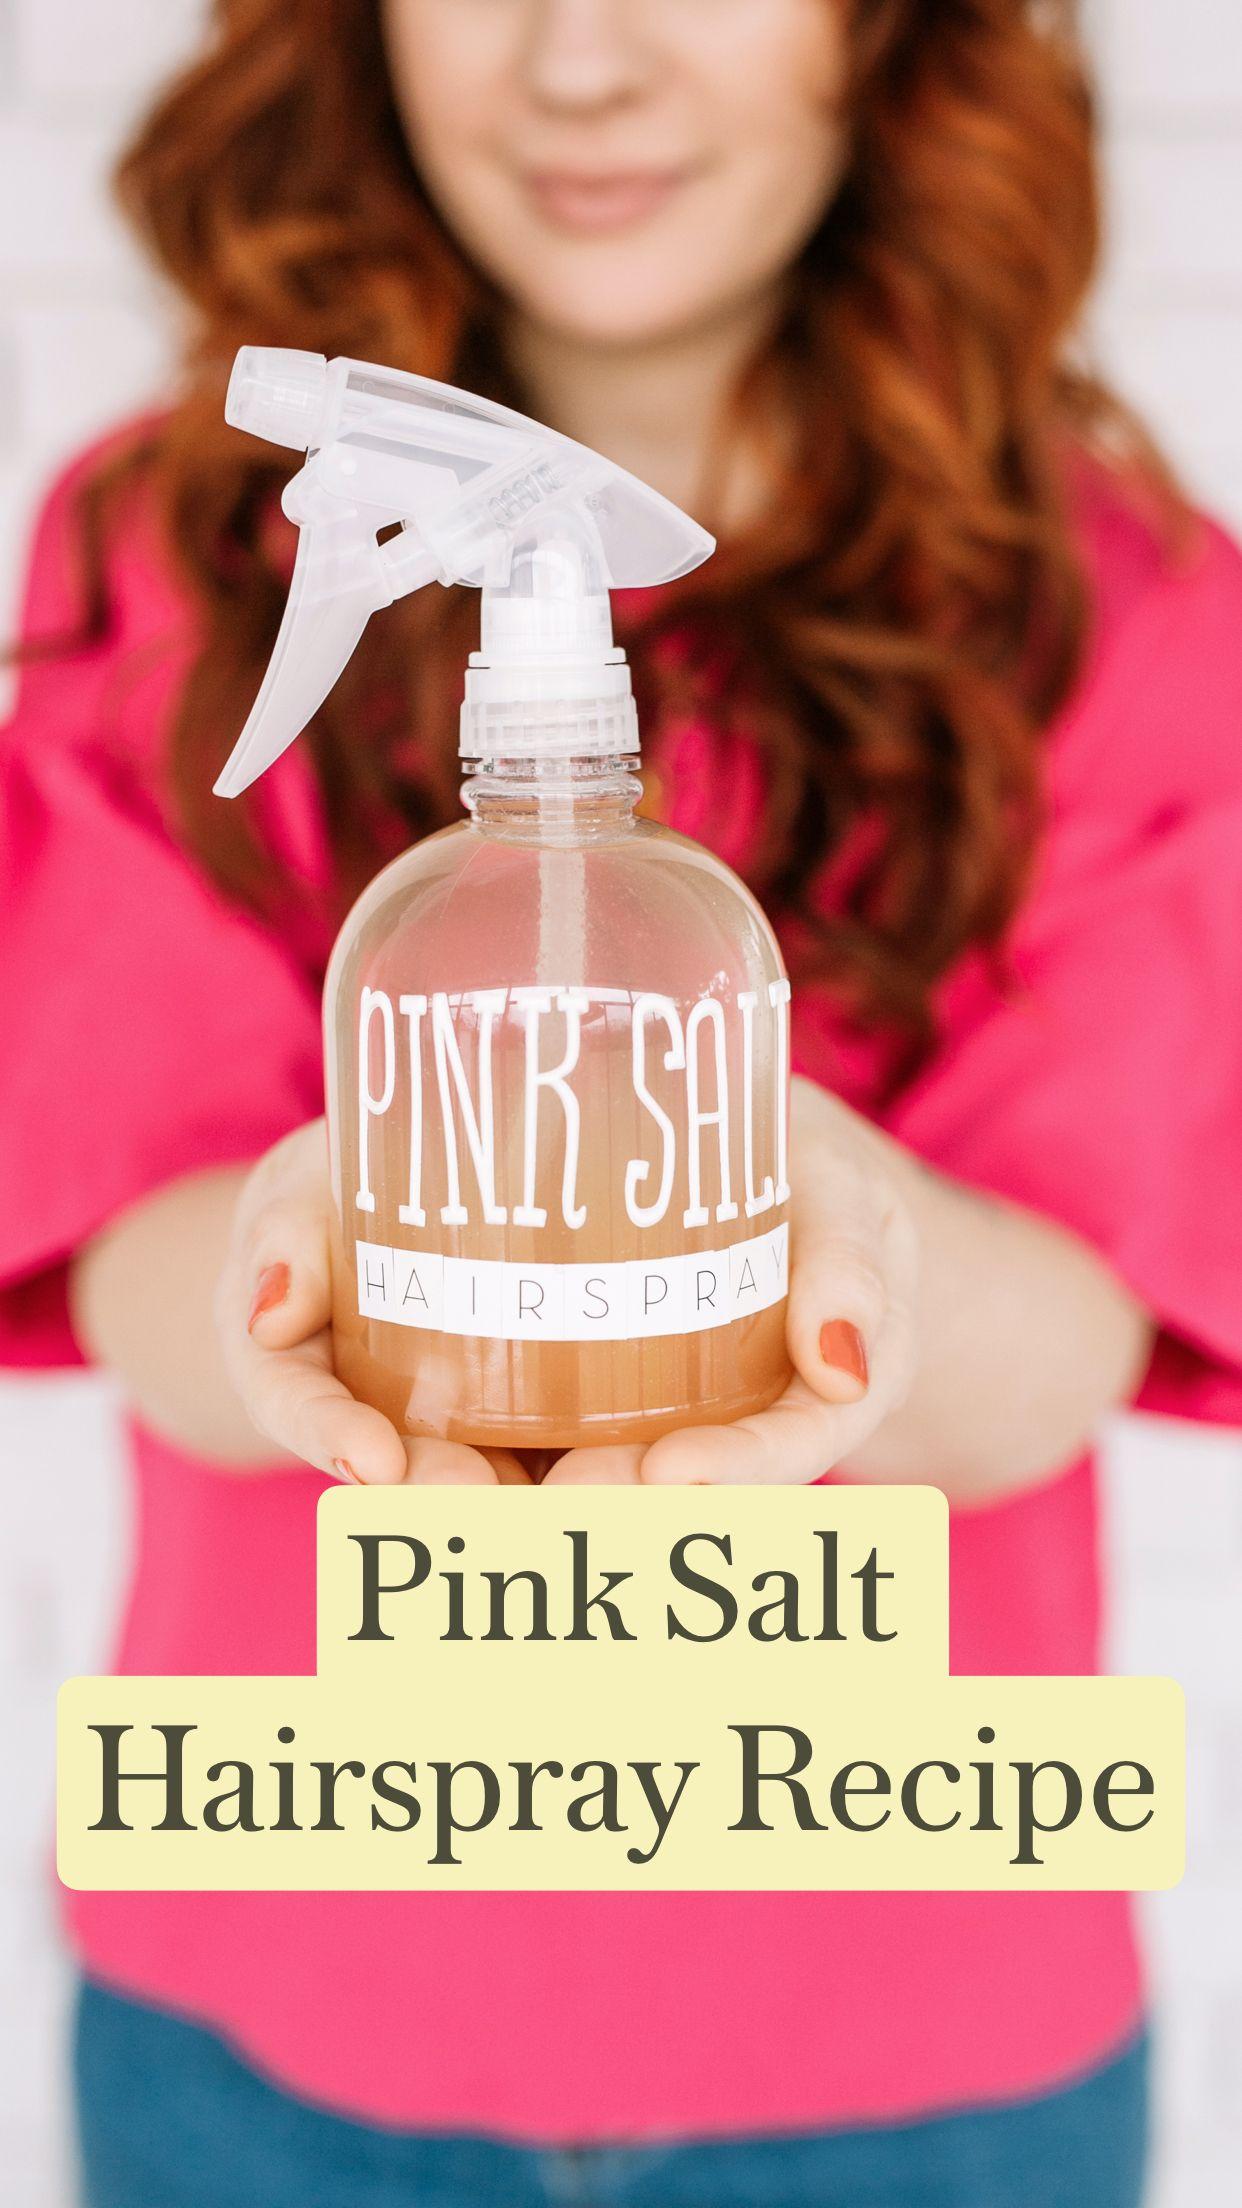 Pink Salt Hairspray Recipe